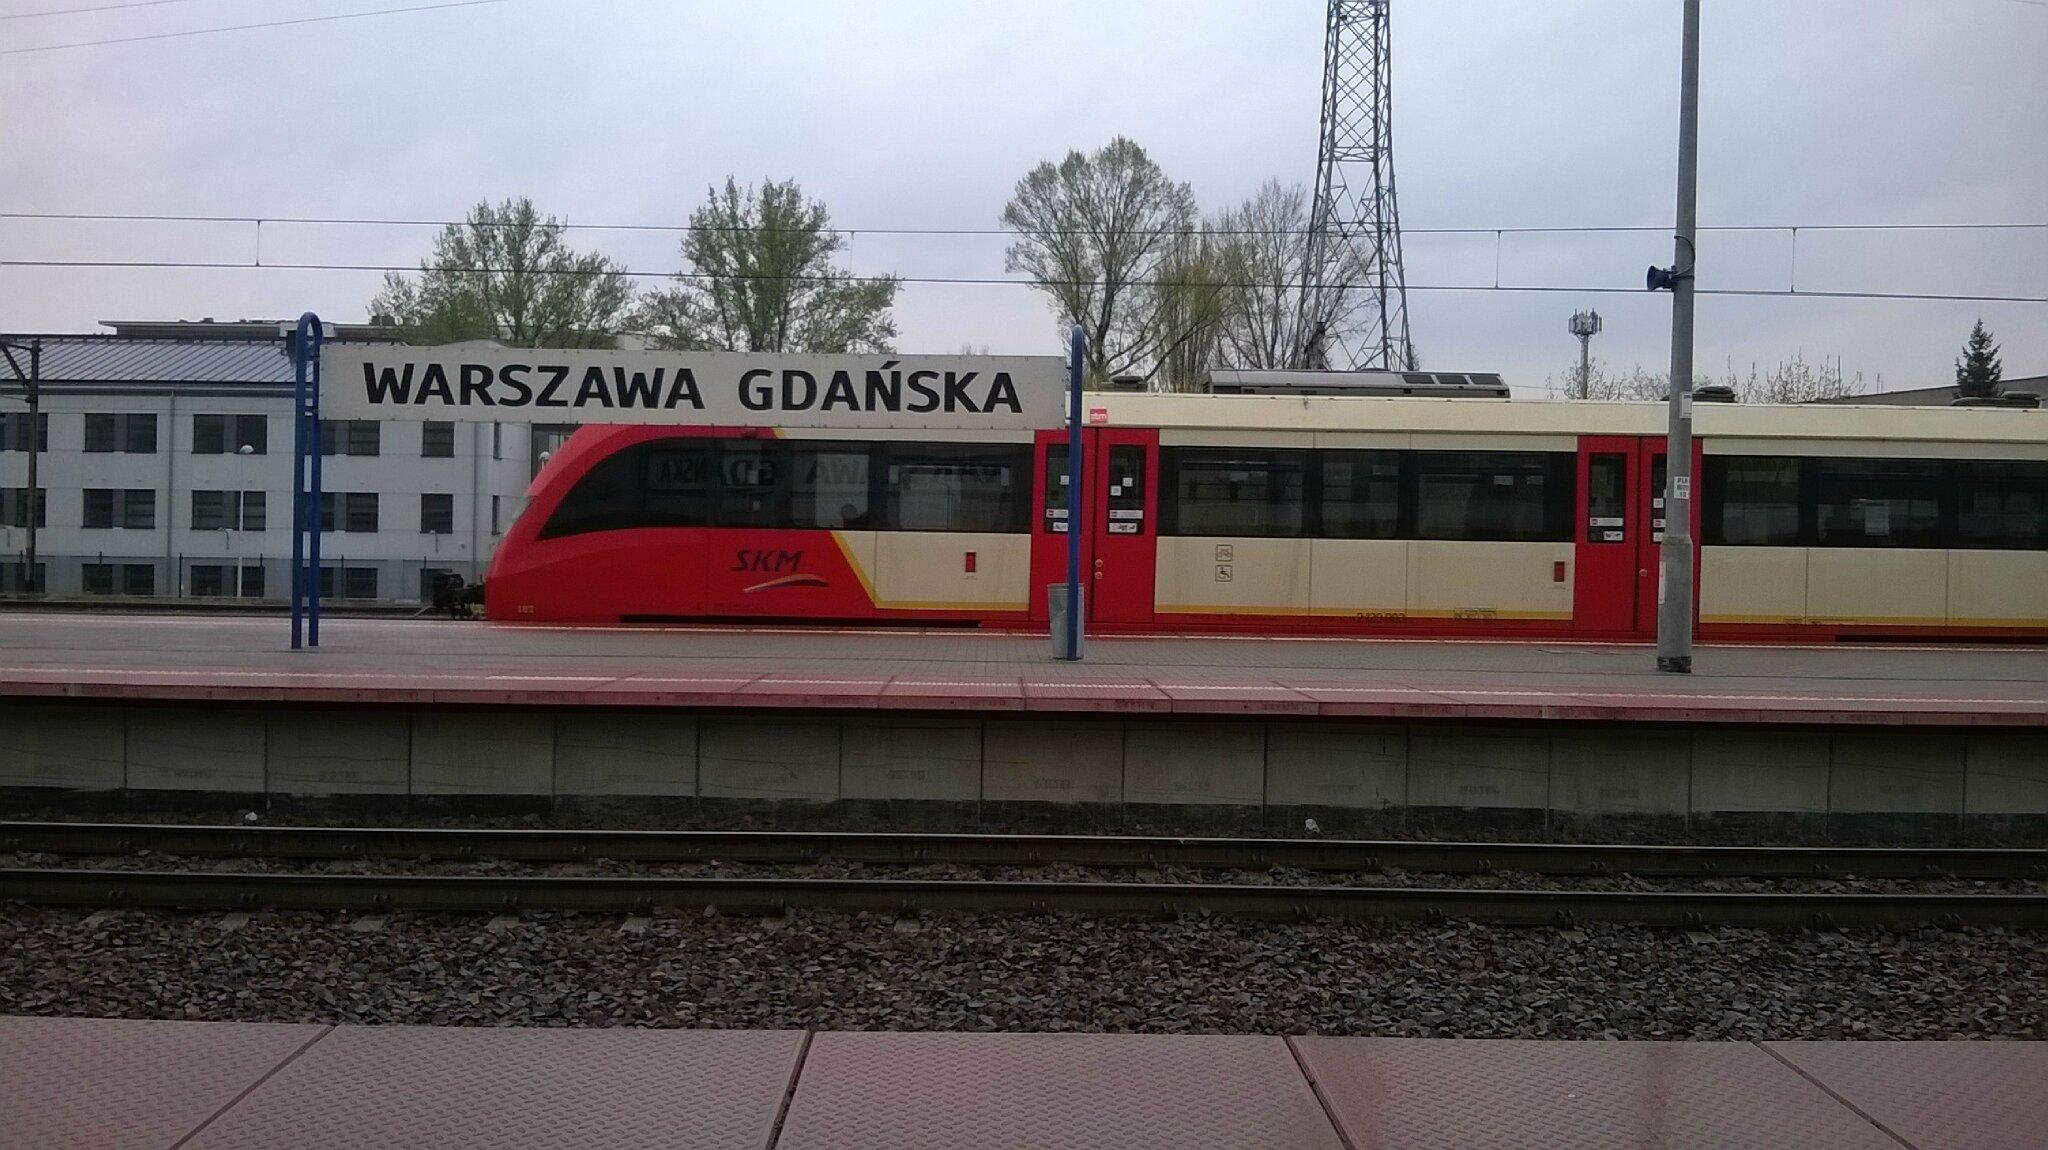 Varsovie Gdanska (Pologne)